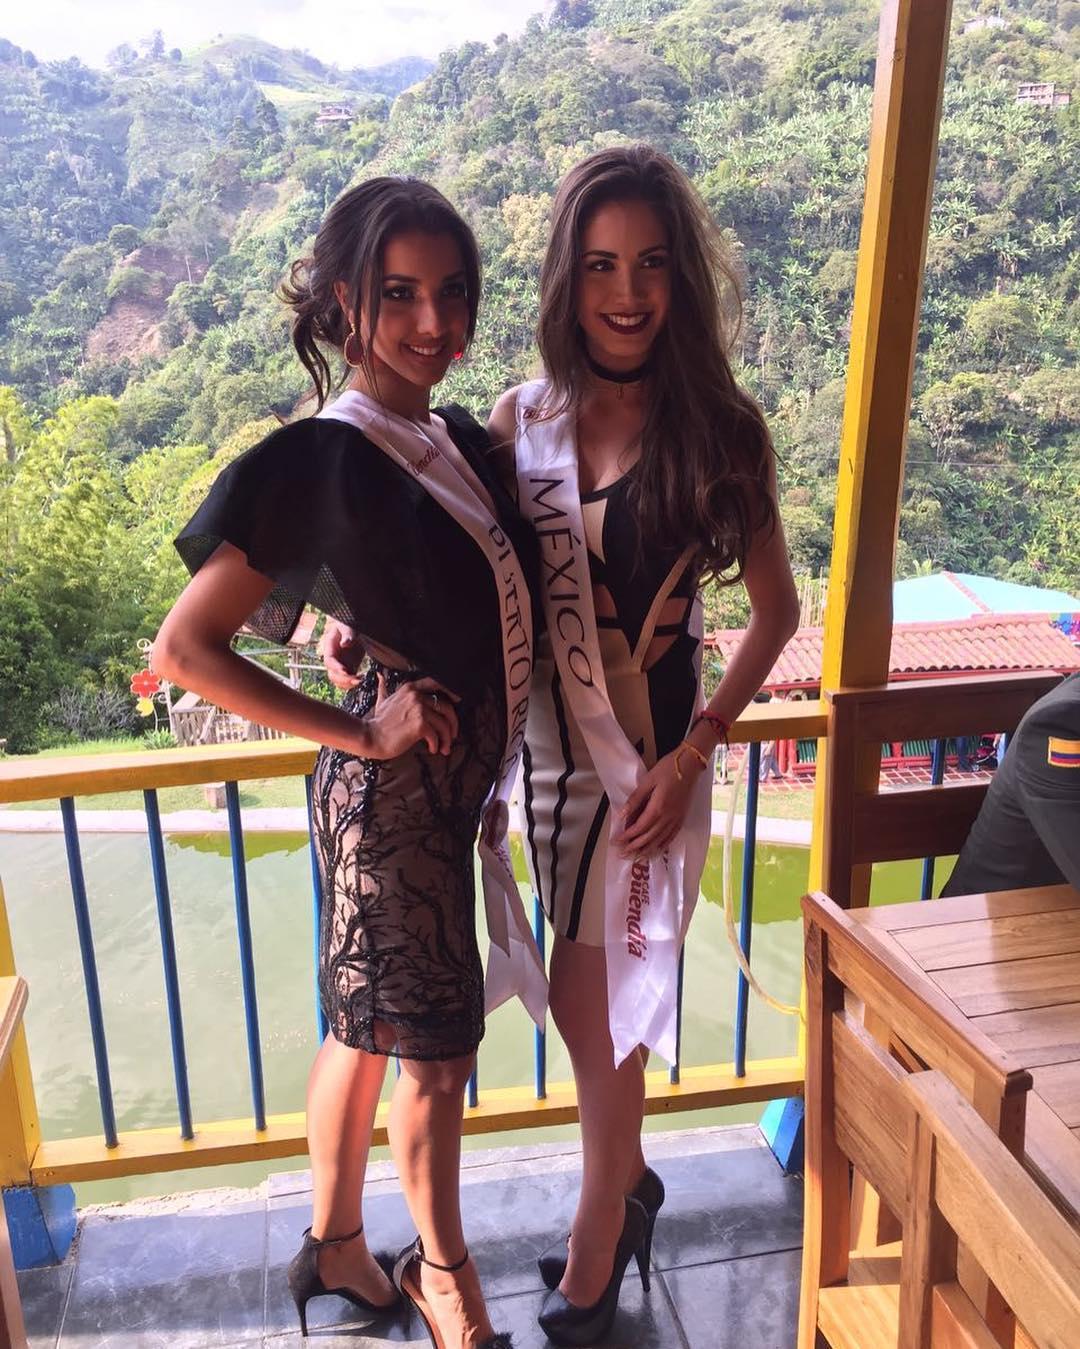 marilu acevedo, miss veracruz 219/miss reinado internacional cafe 2017. Oit64jsp